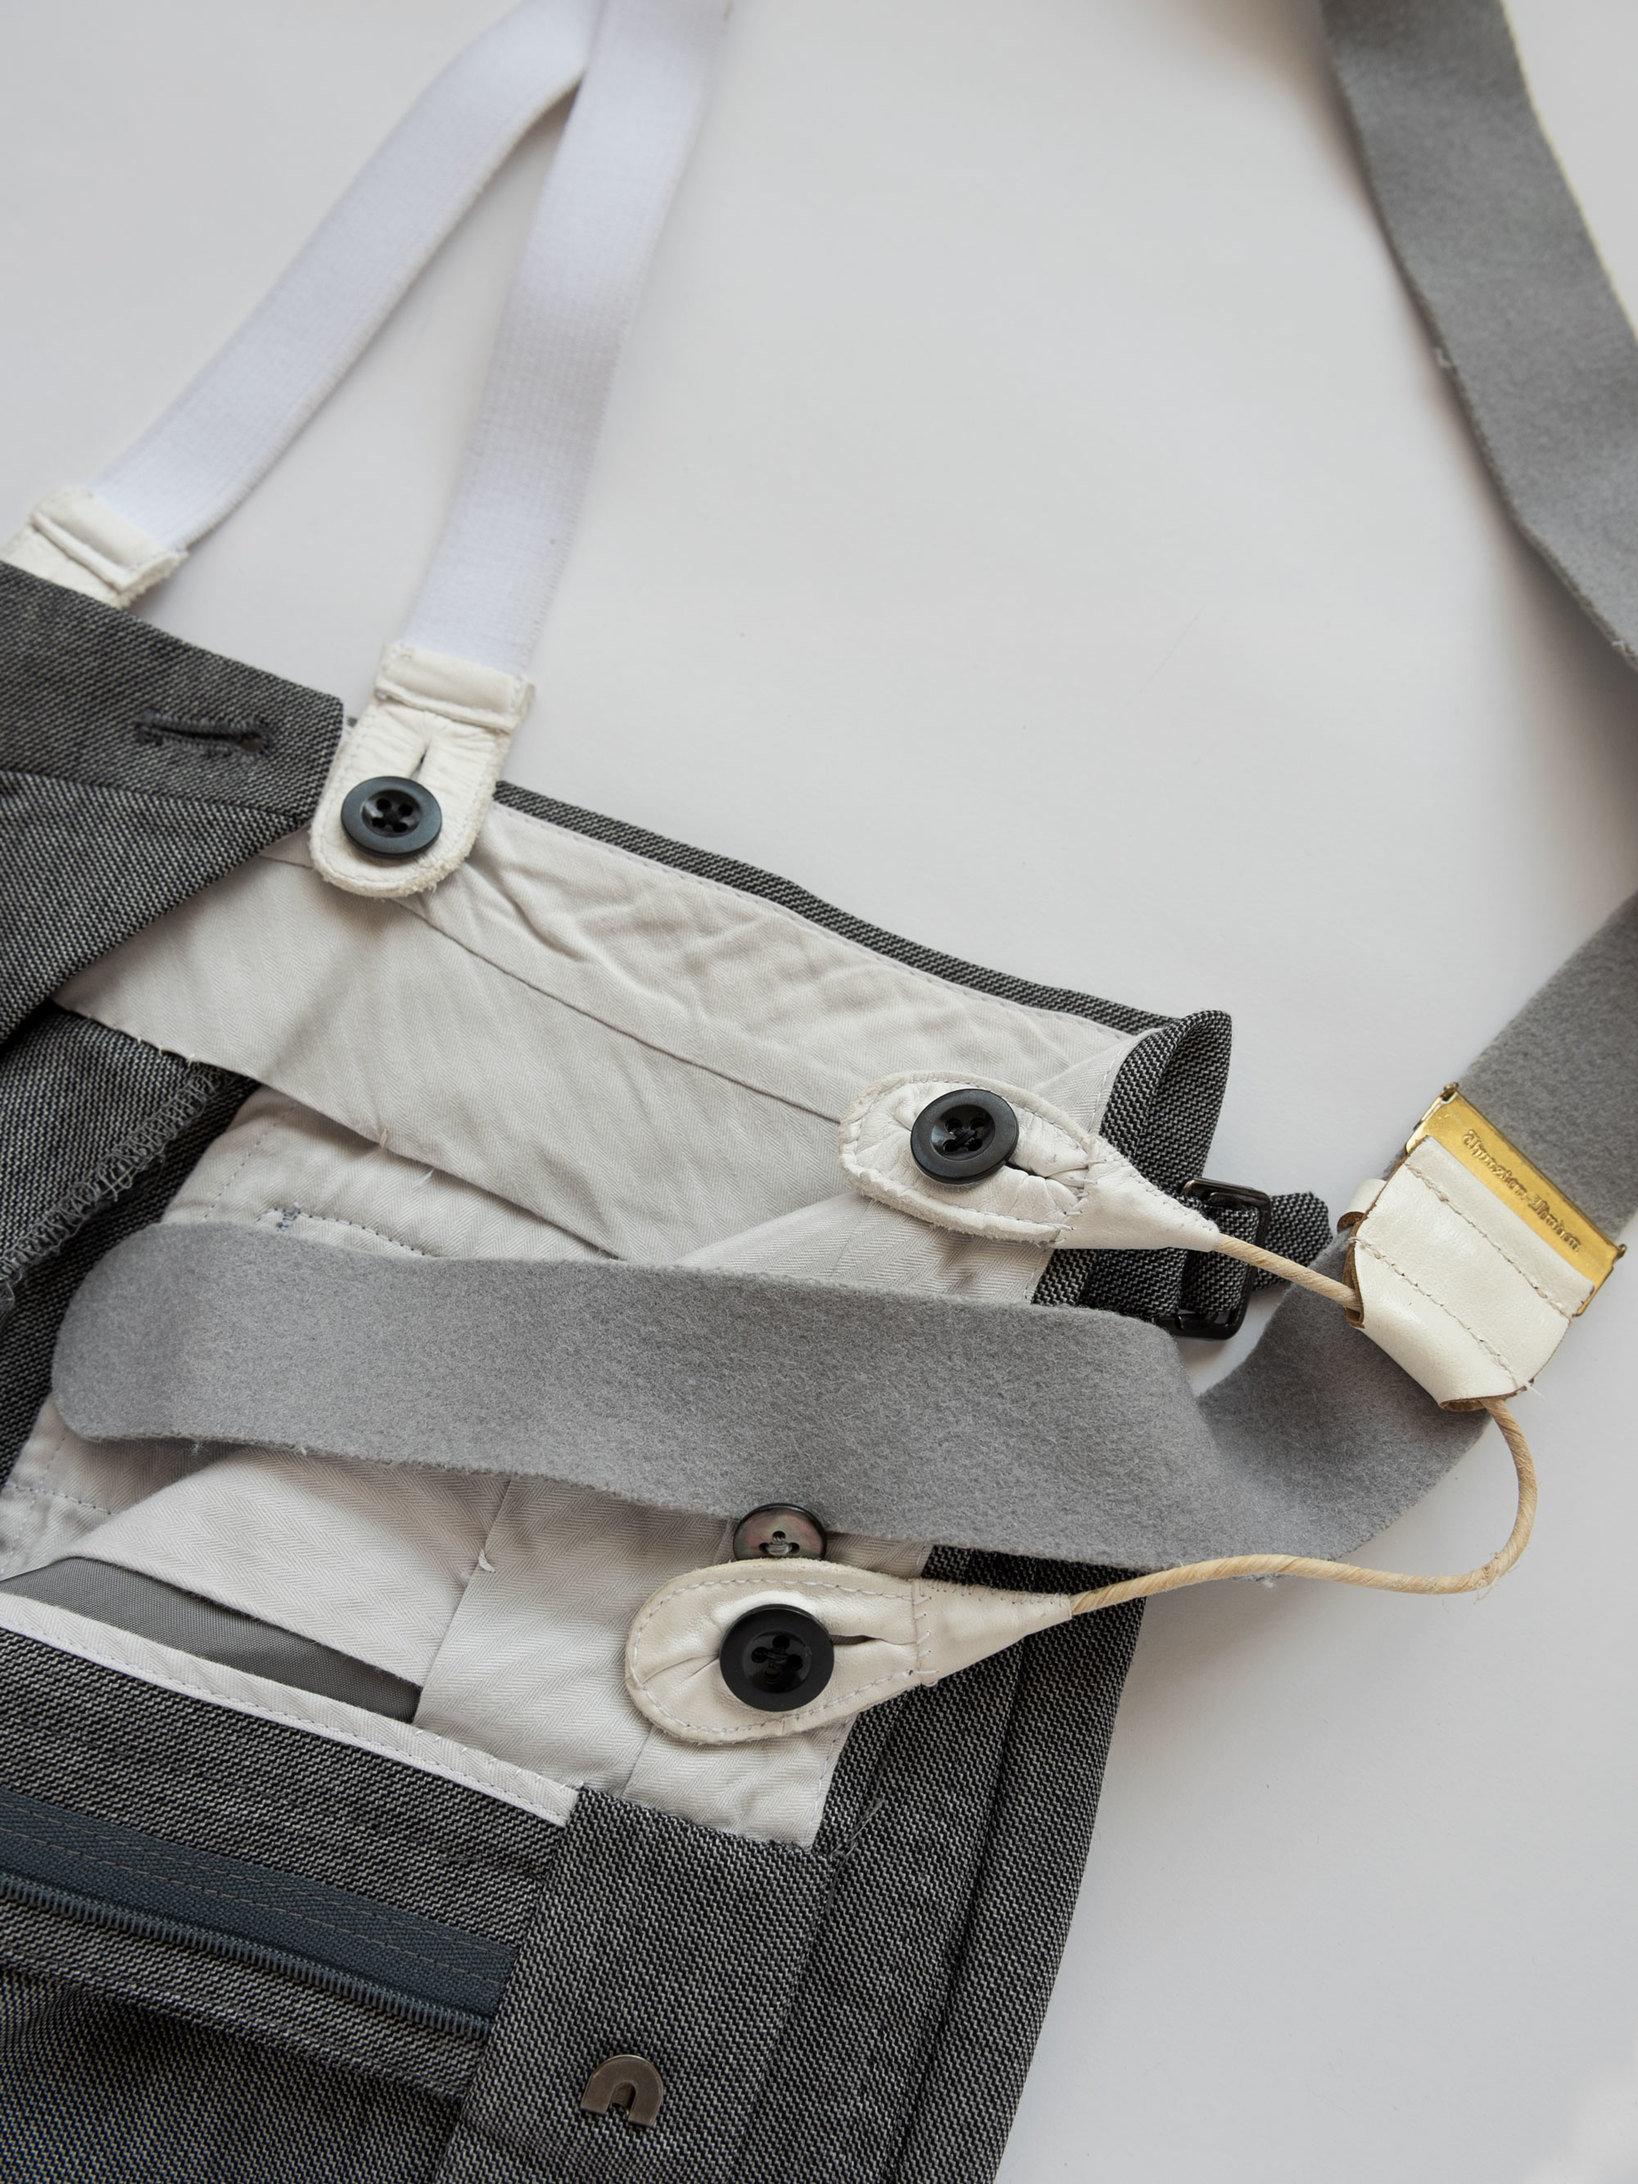 ブレーシスで吊って穿くトラウザーズは、ベルトループを付けないほうが、覚悟の決まった印象を与える。